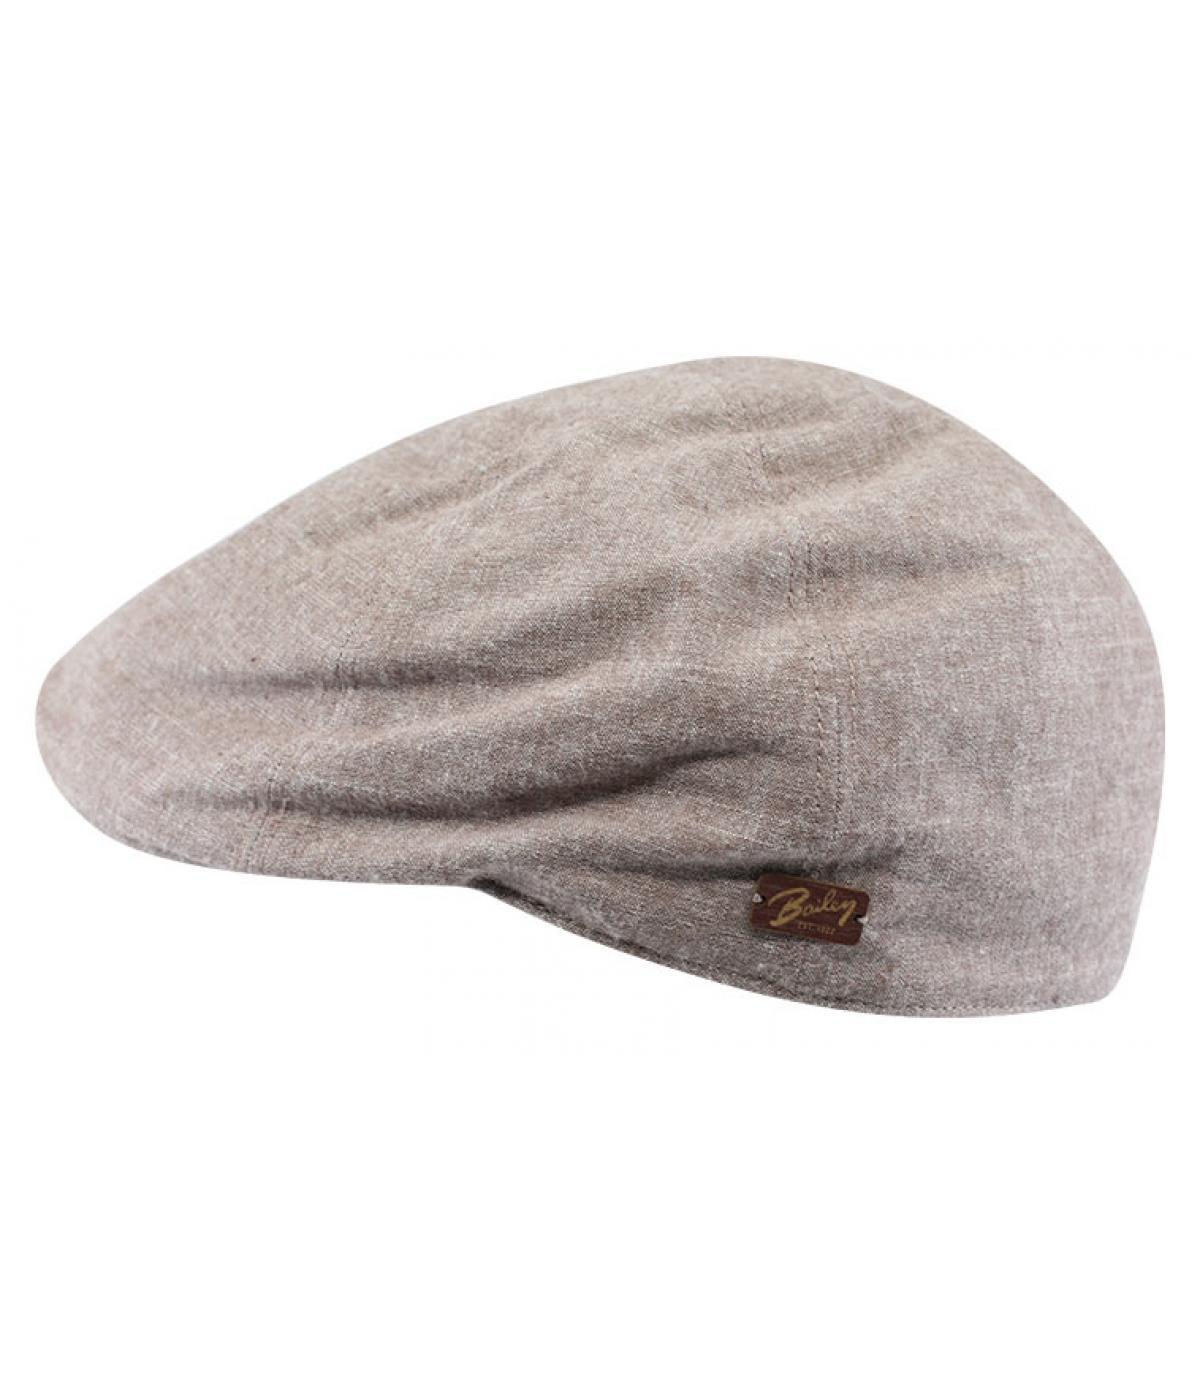 light brown duckbill cap